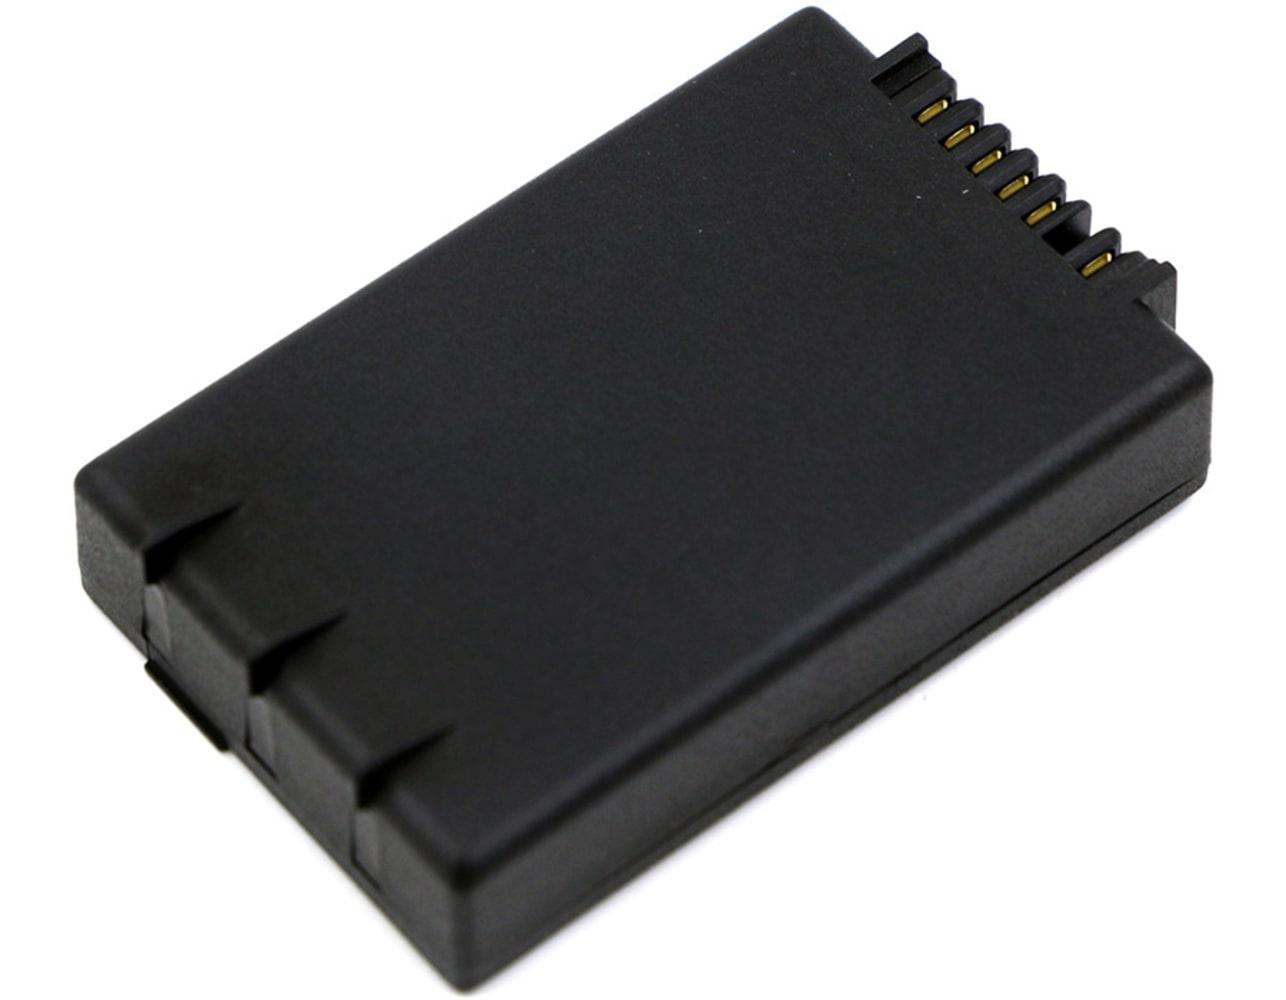 Batterie pour Honeywell Dolphin 6100, Dolphin 6110, Honeywell ScanPal 5100 - 6000-TESC, BP06-00028A 2200mAh